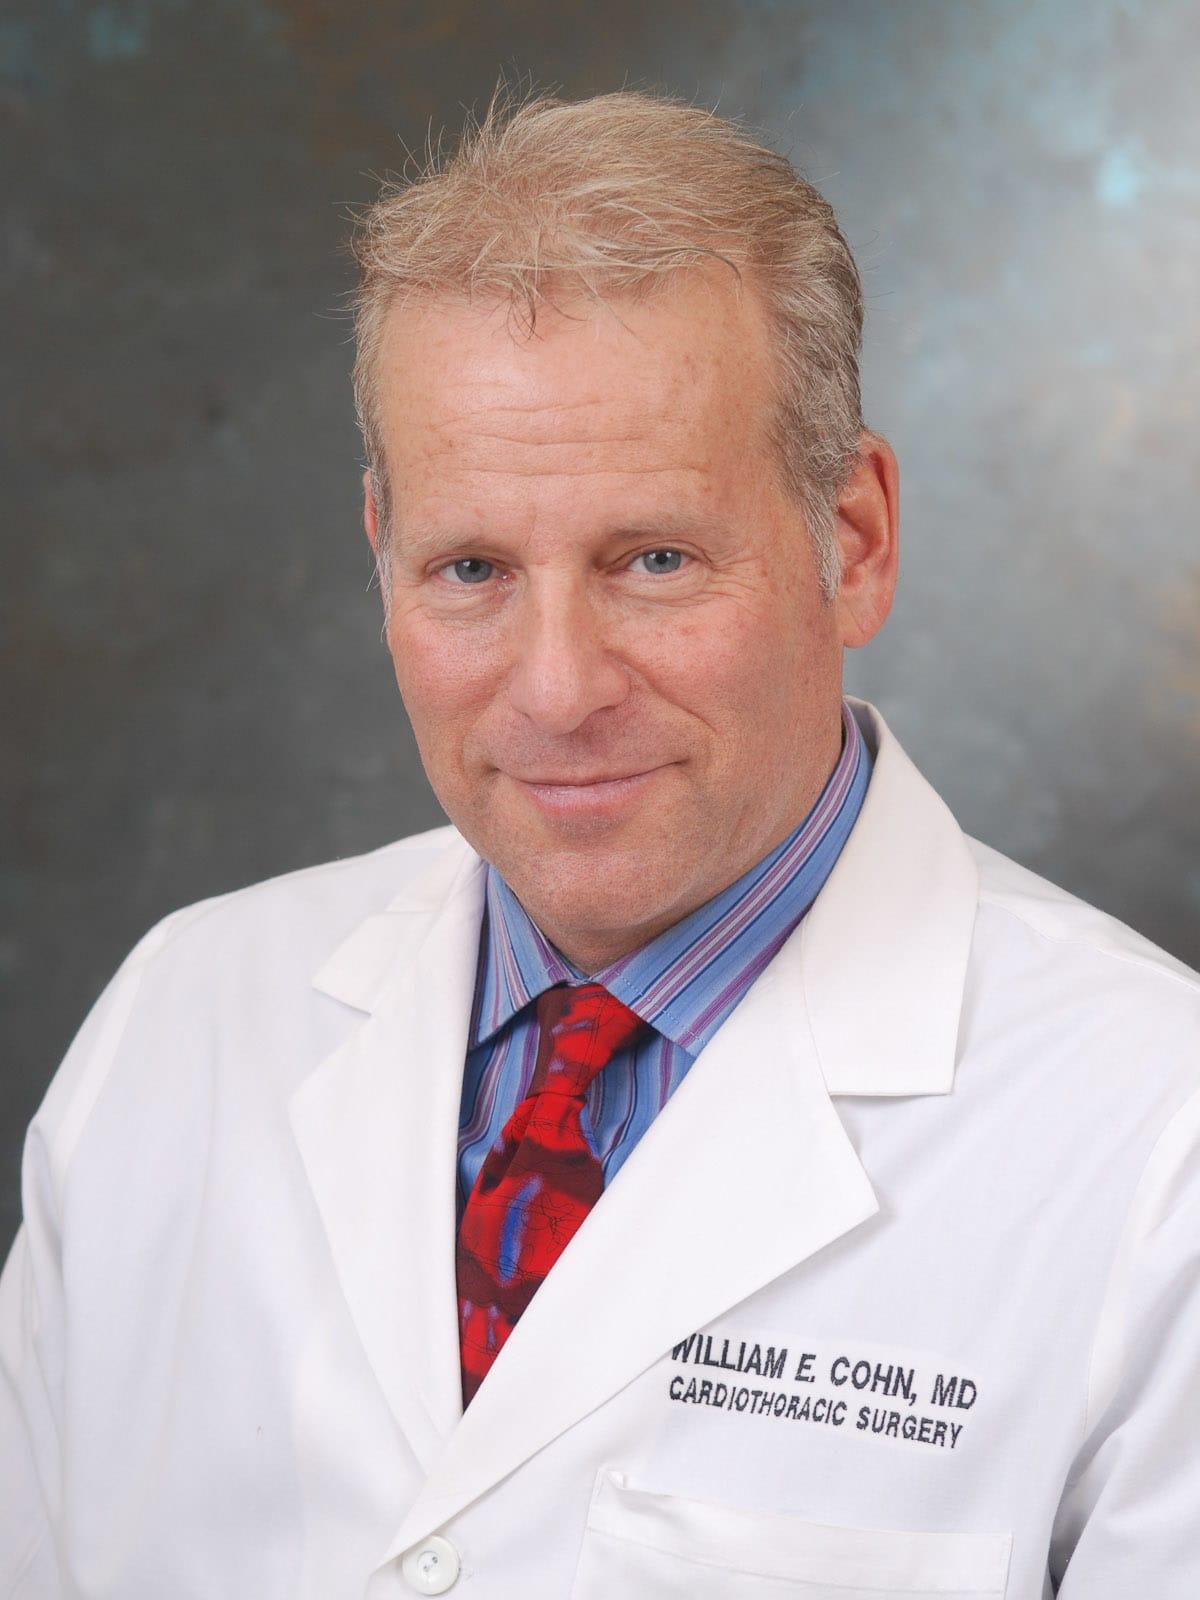 Dr. William Cohn